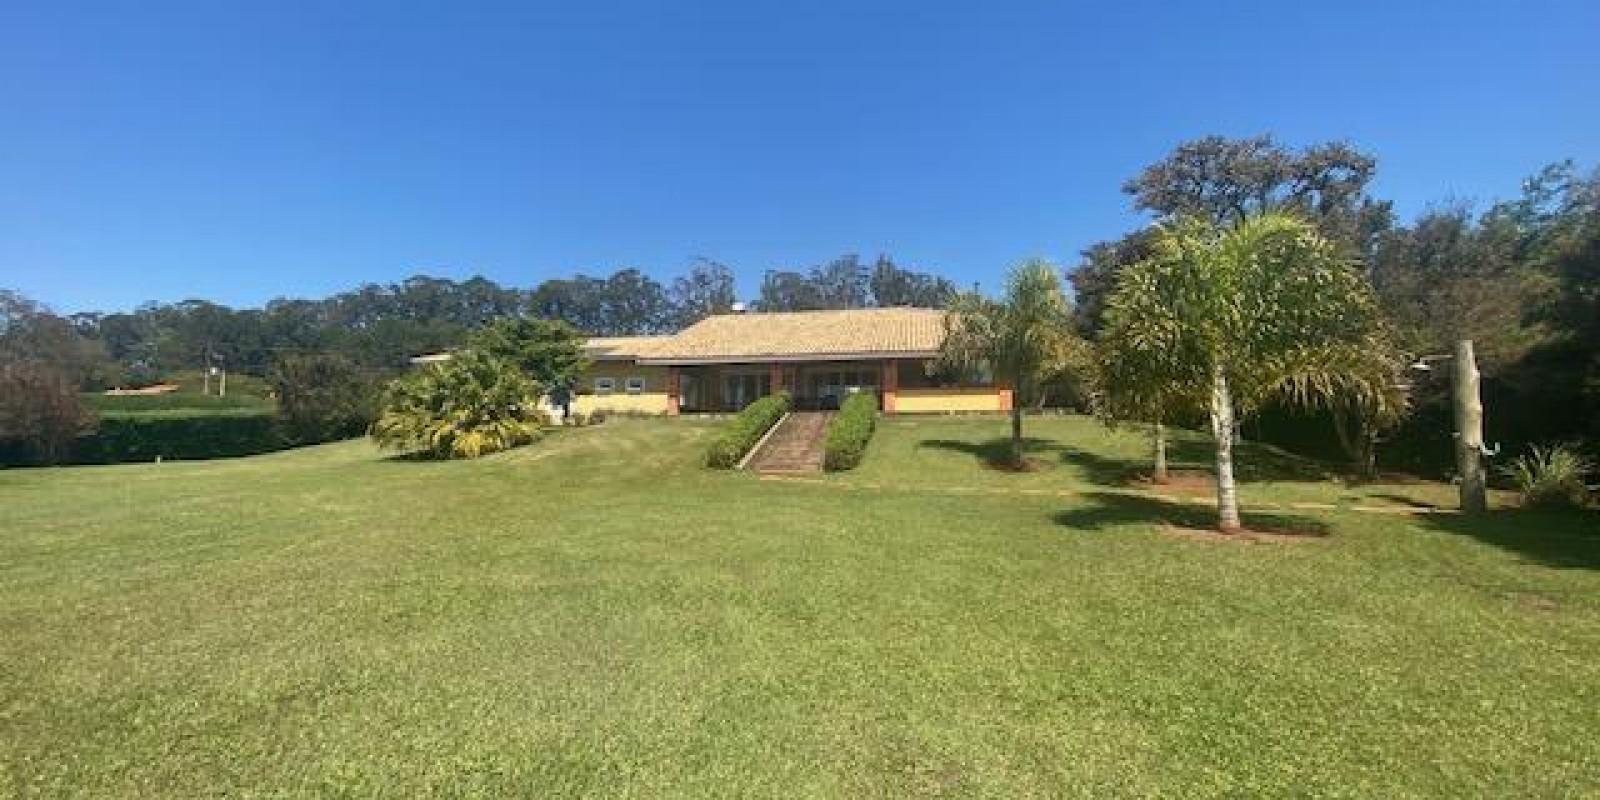 Casa na Represa no Condomínio Parque Náutico em Avaré SP  - Foto 13 de 57